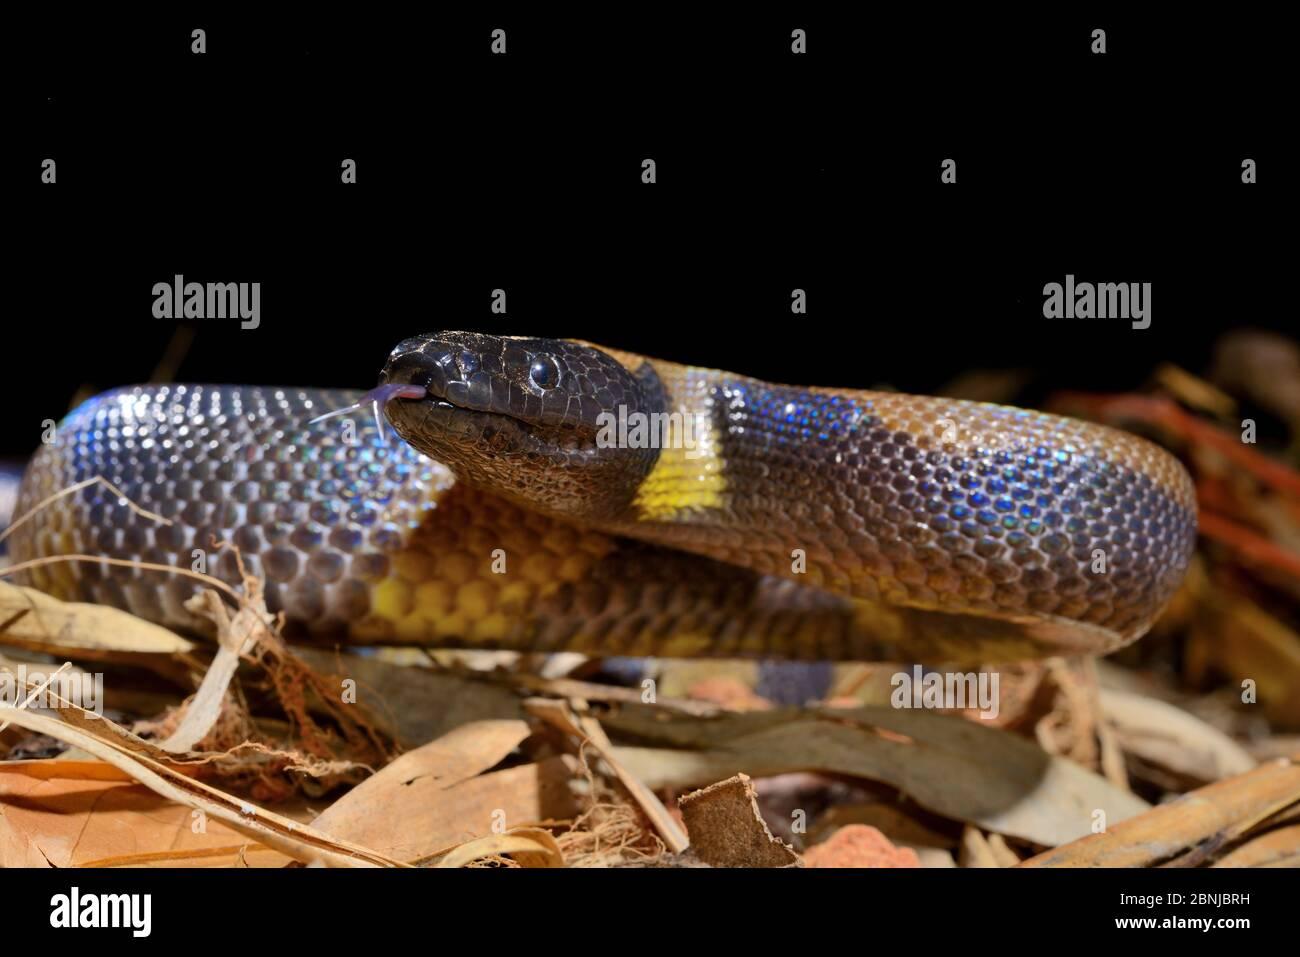 Le python annelé de Bismarck (Botrochilus boa) est captif, en Papouasie-Nouvelle-Guinée. Banque D'Images